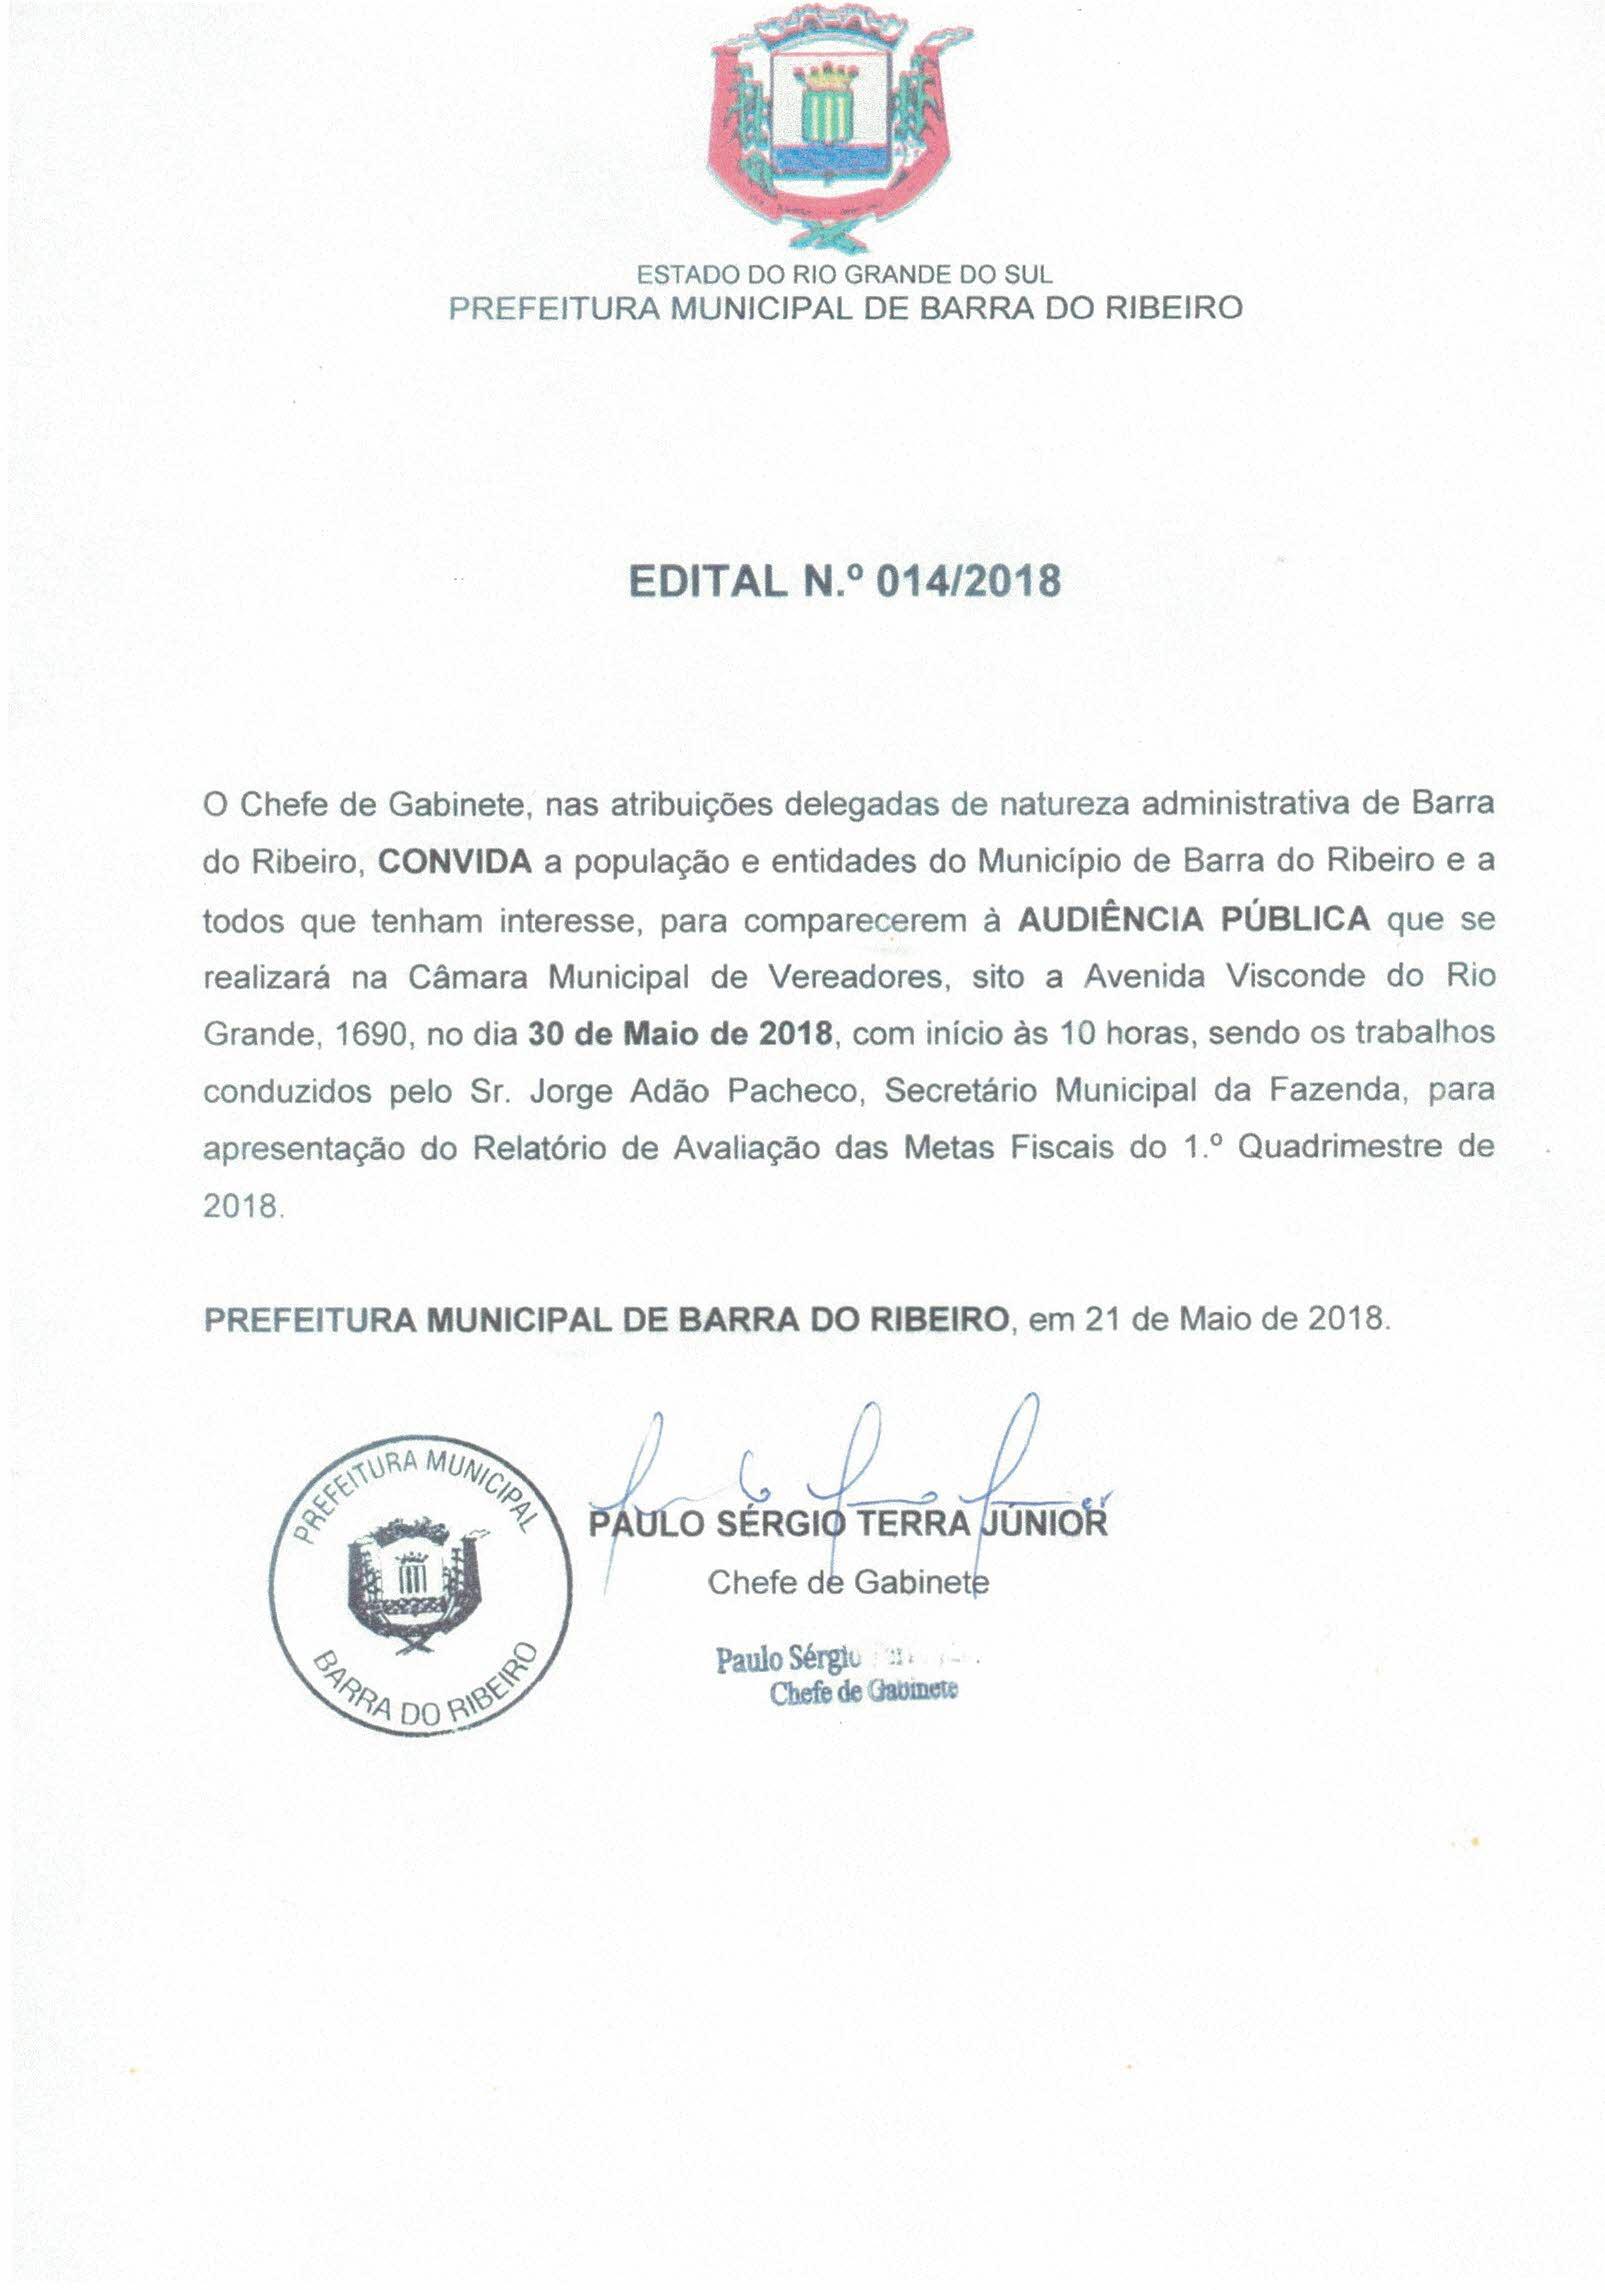 Audiência Publica  da Mestas Fiscais do 1º Quadrimestre de 2018